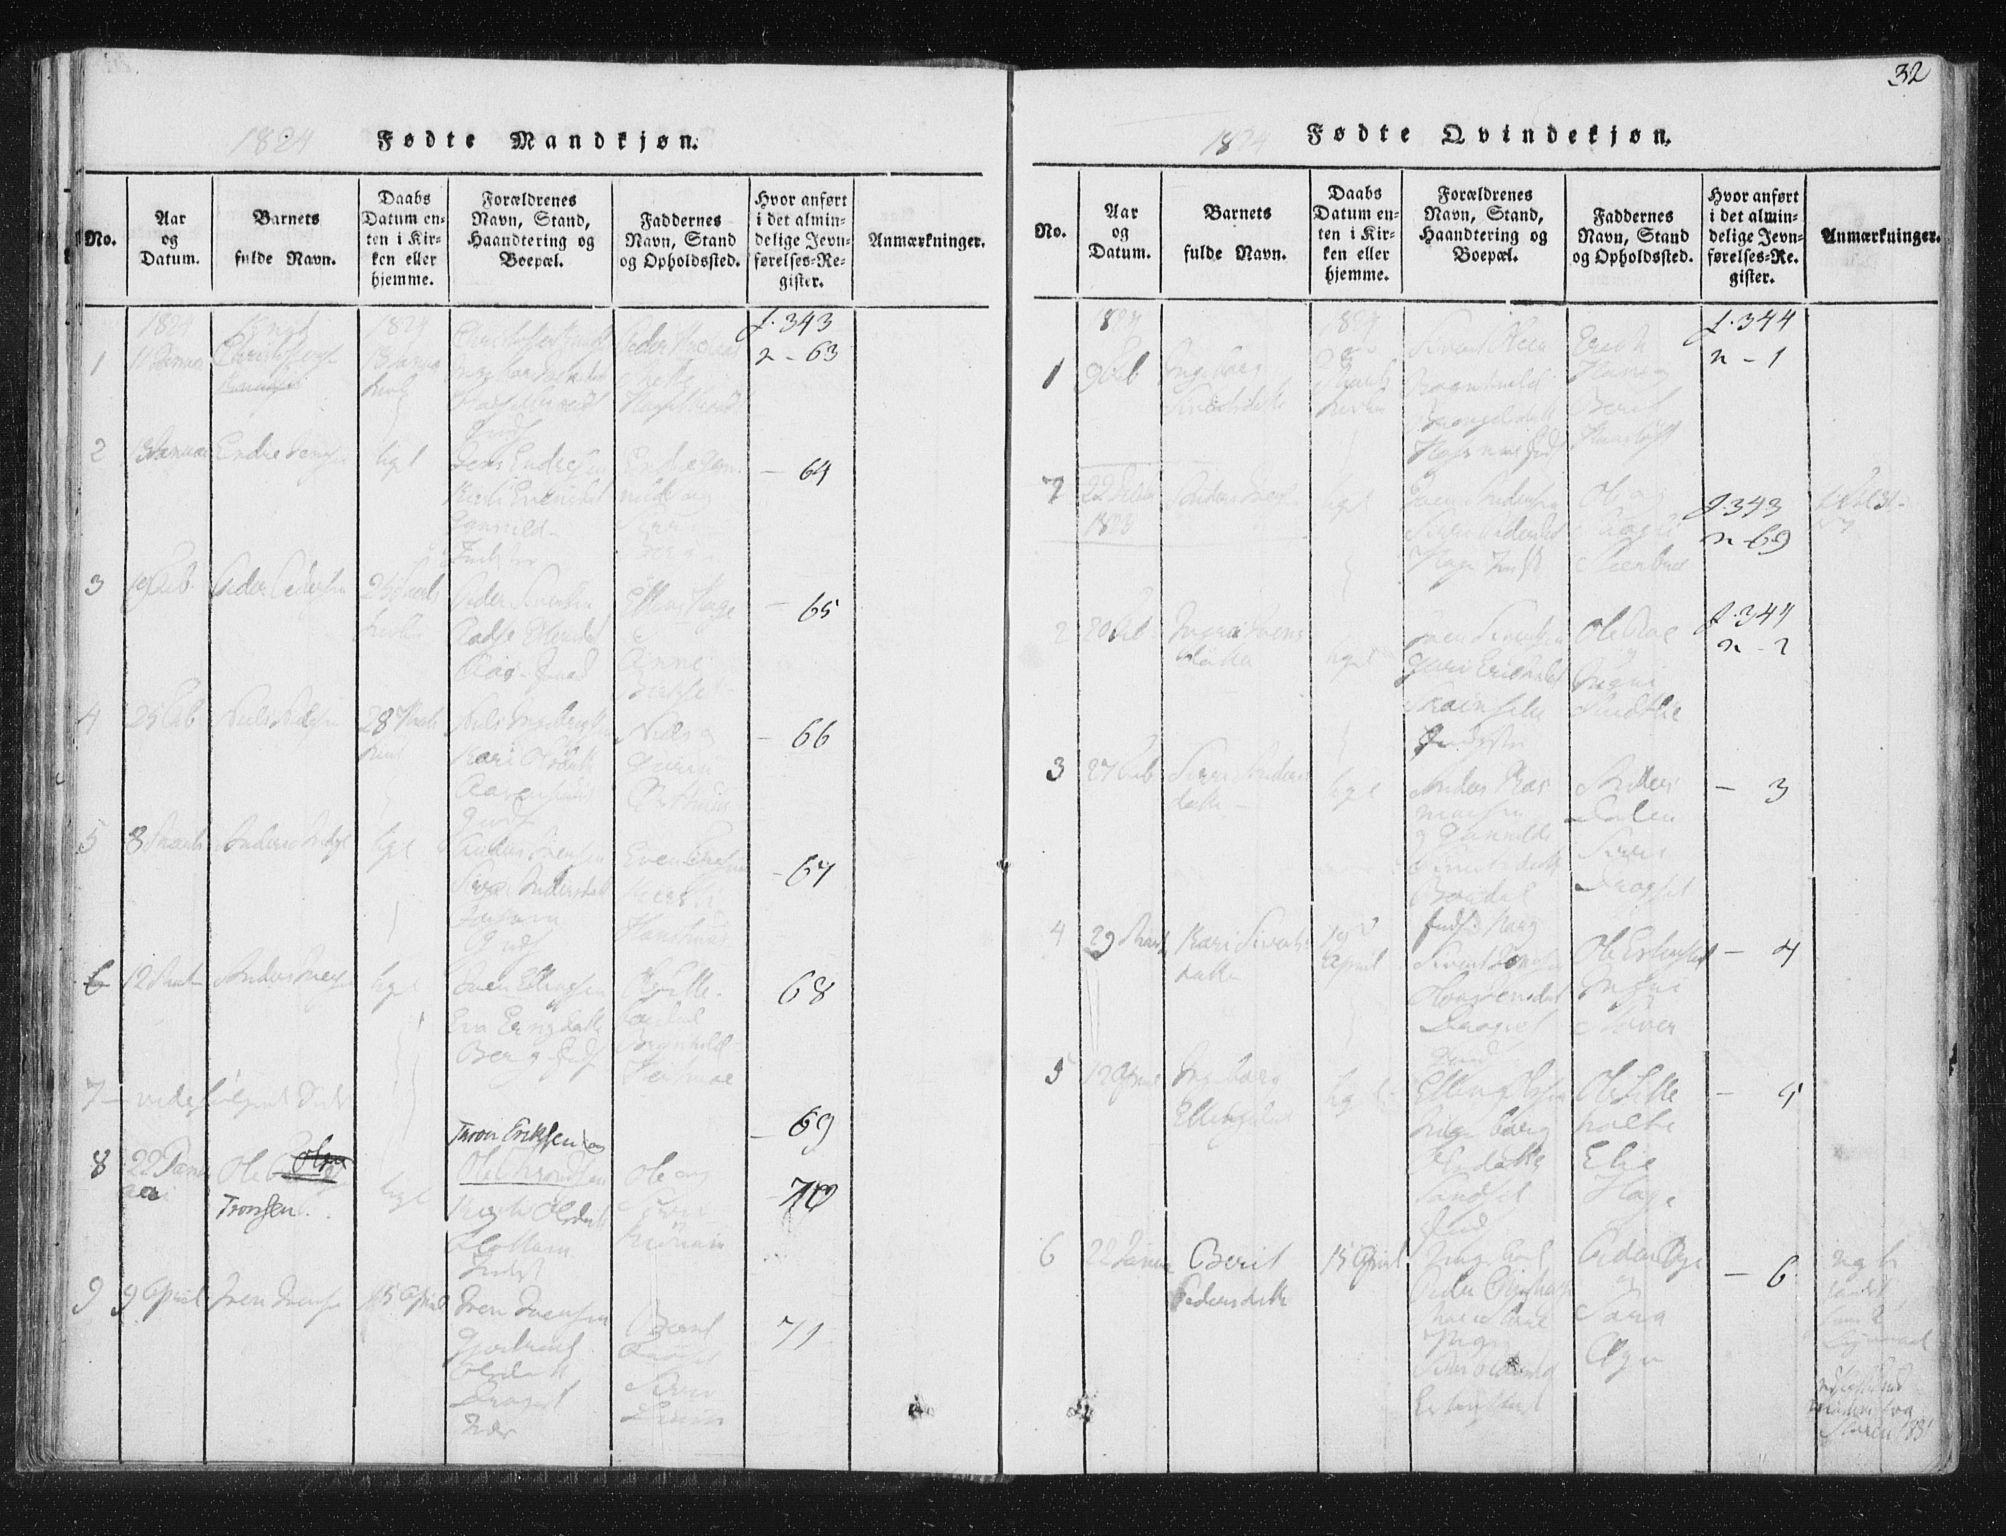 SAT, Ministerialprotokoller, klokkerbøker og fødselsregistre - Sør-Trøndelag, 689/L1037: Ministerialbok nr. 689A02, 1816-1842, s. 32